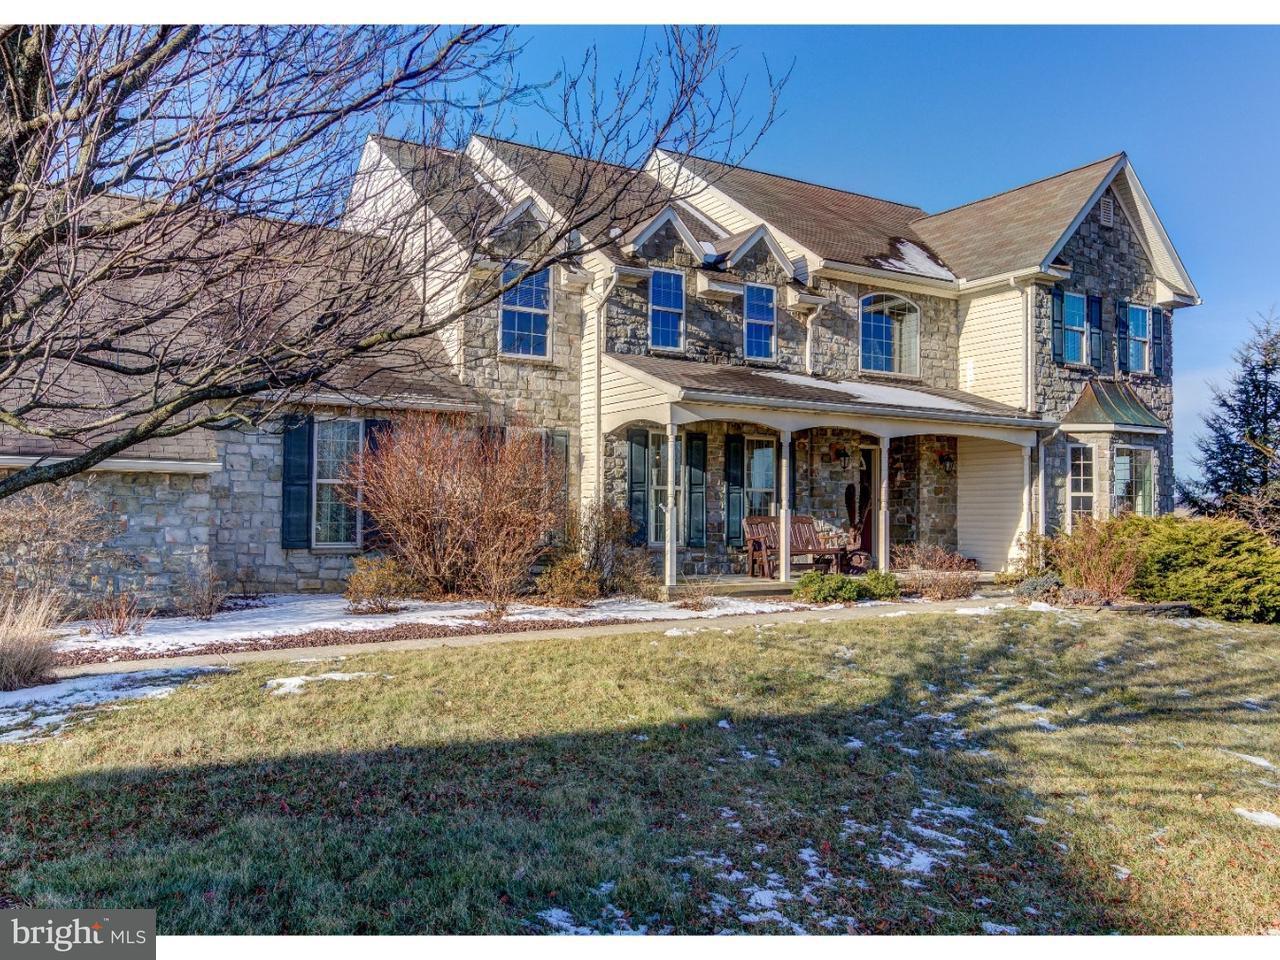 独户住宅 为 销售 在 421 SUNBLAZE Lane Cochranville, 宾夕法尼亚州 19330 美国